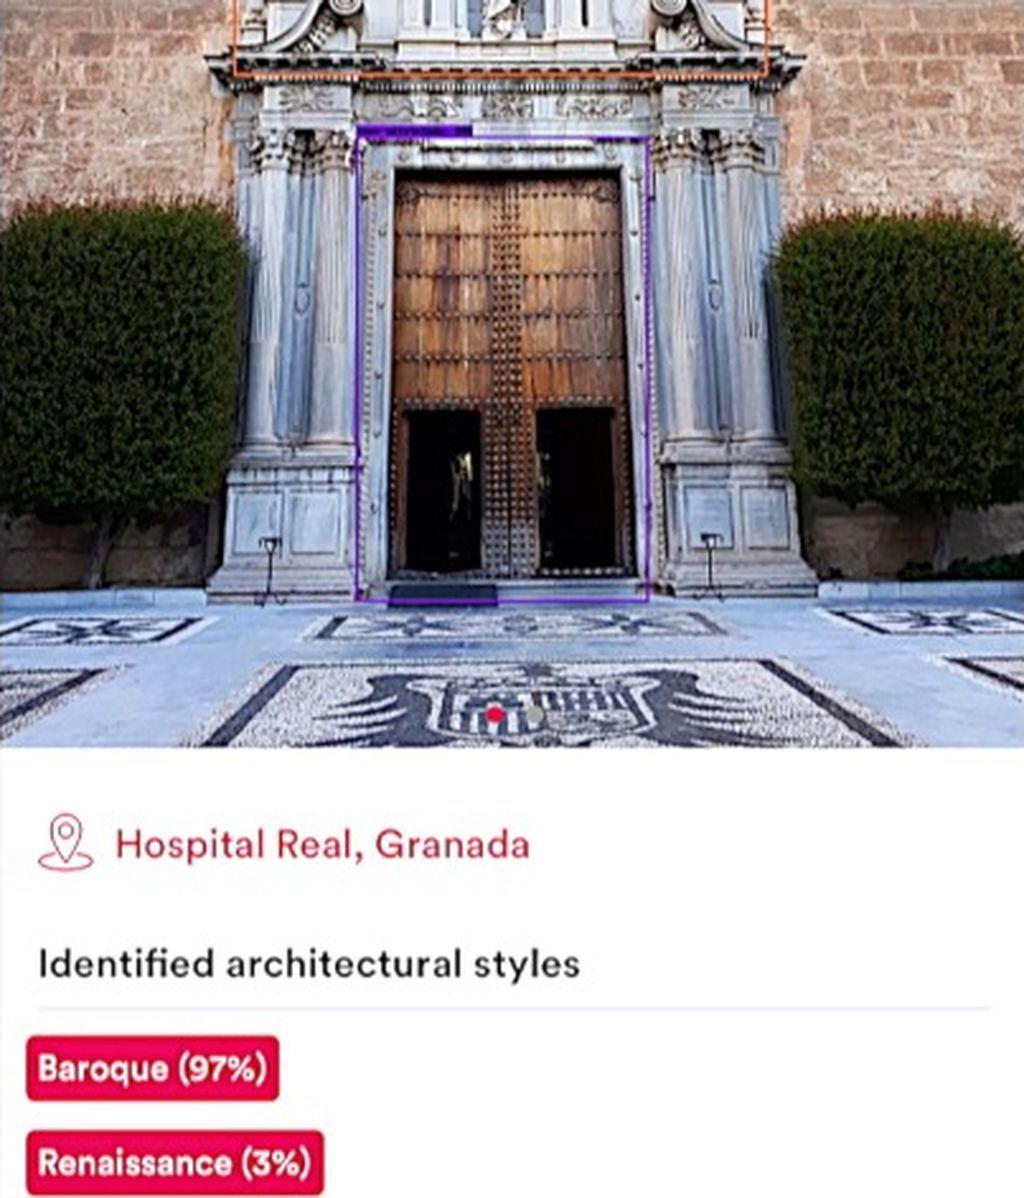 La fachada del Hospital Real de Granada analizada por MonuMai